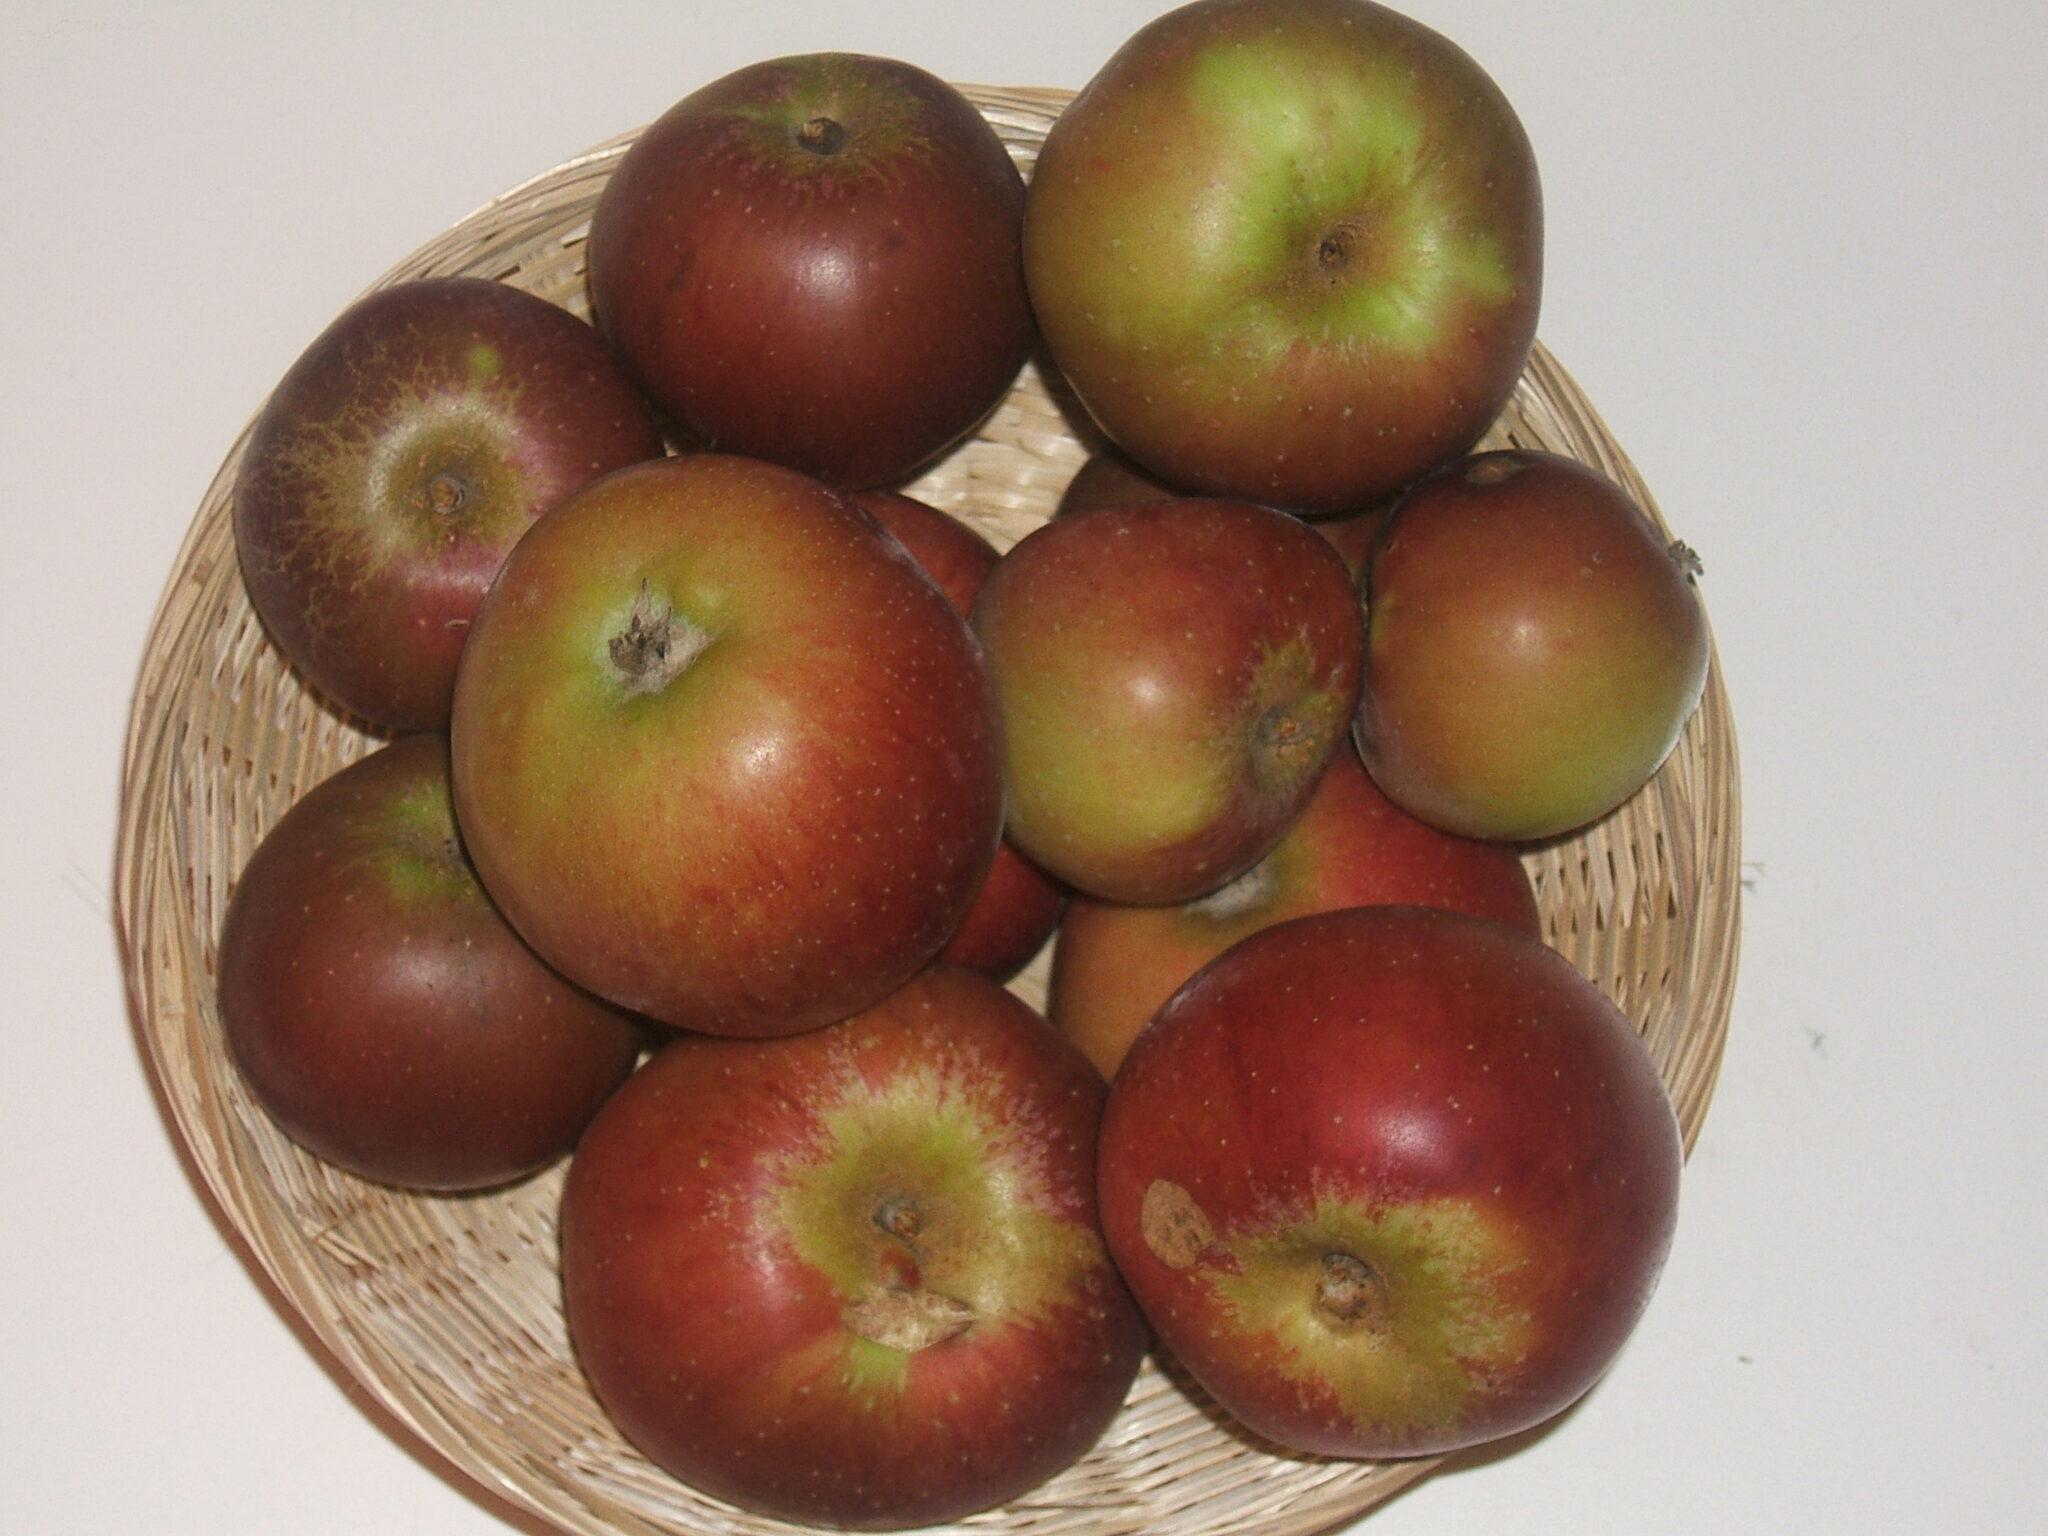 Calville Noir (fruit).